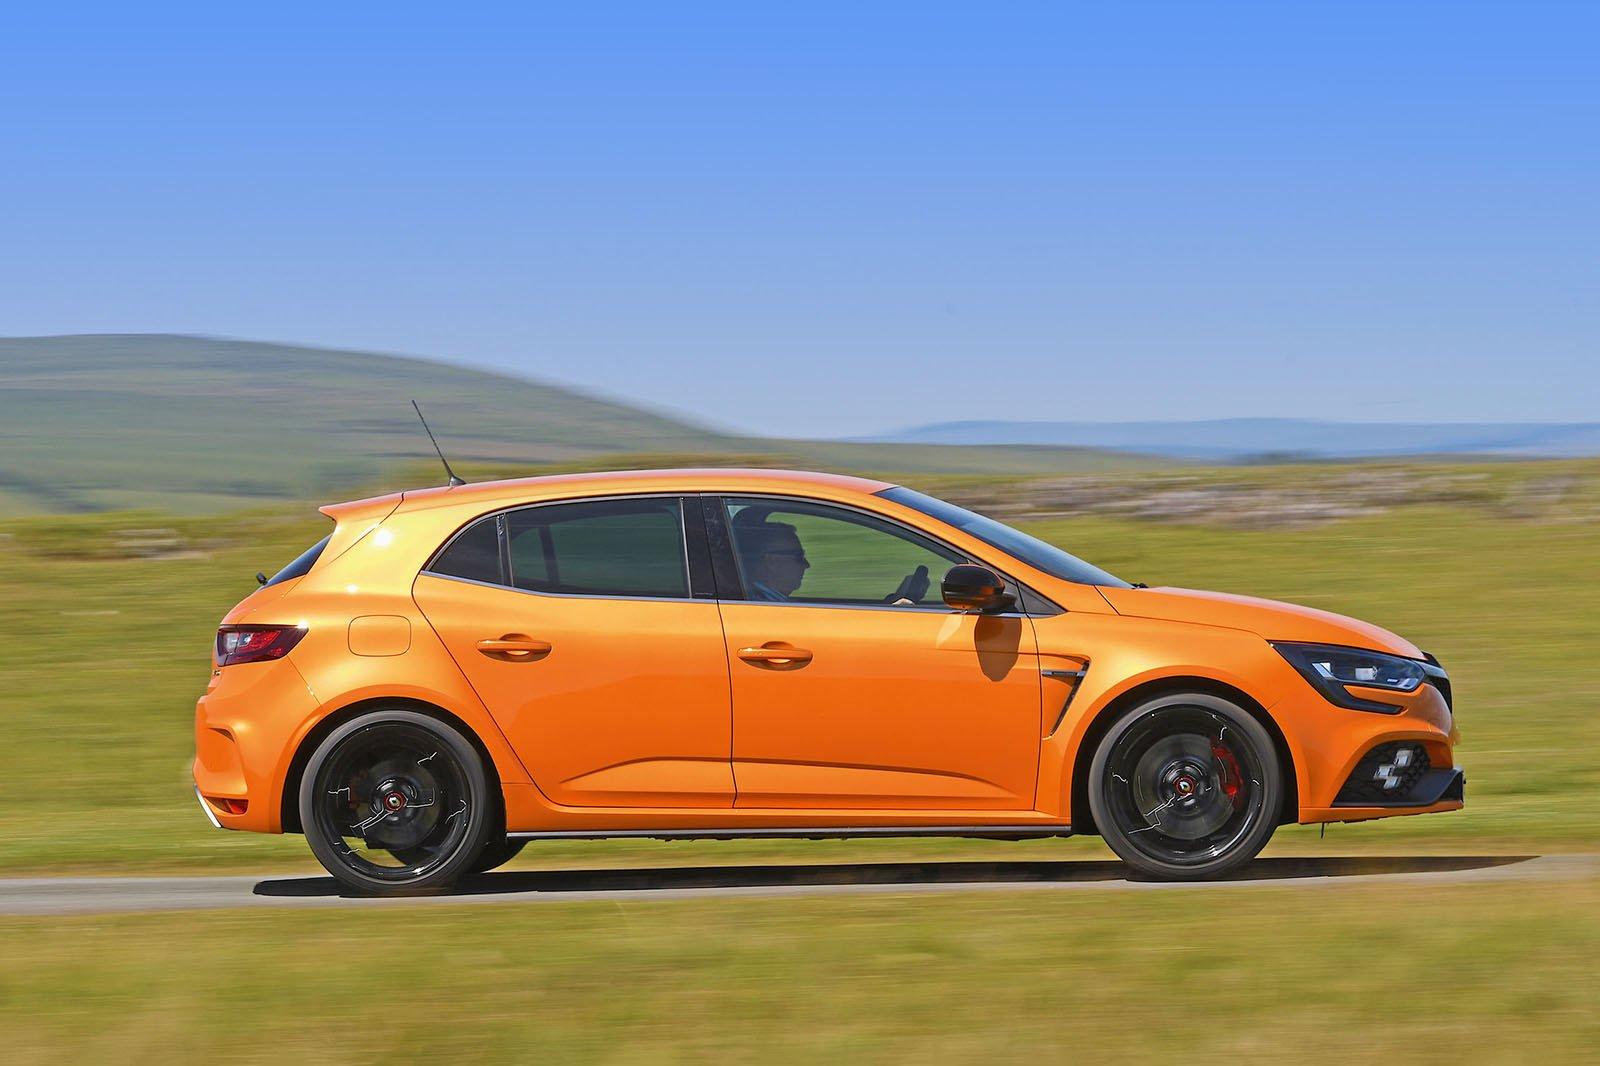 Renault Megane RS side